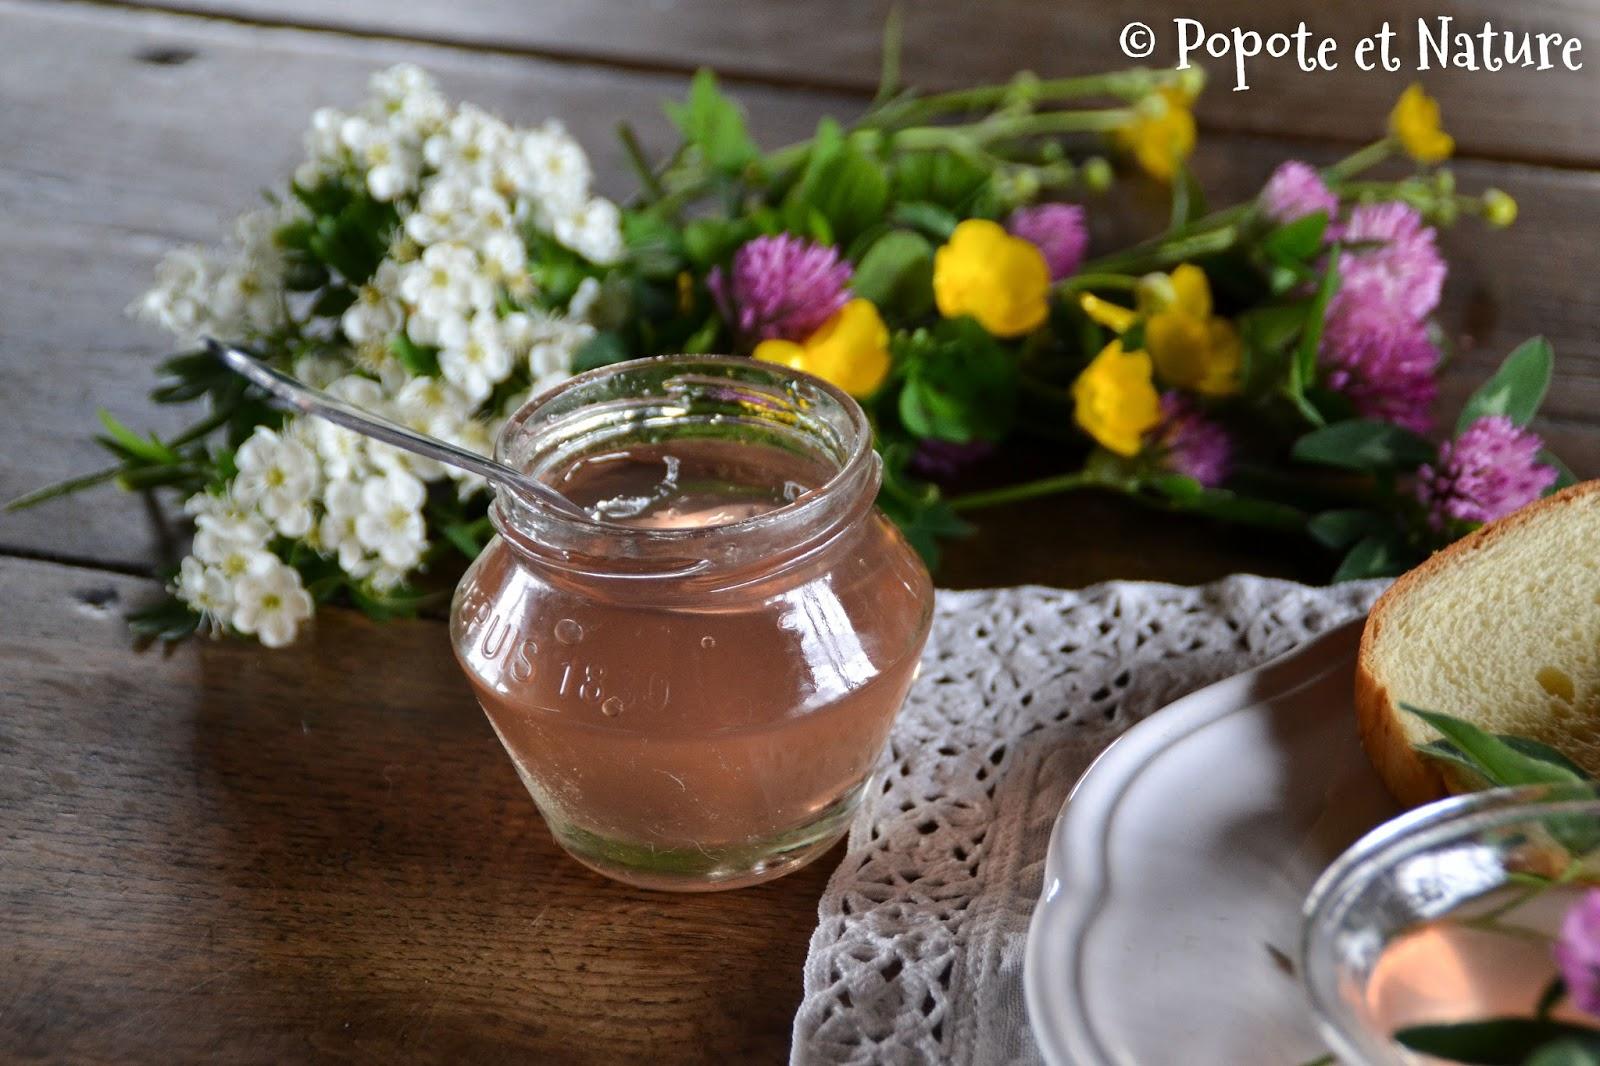 Popote et nature et si on mangeait des fleurs de porte bonheur - Initiatives fleurs et nature ...